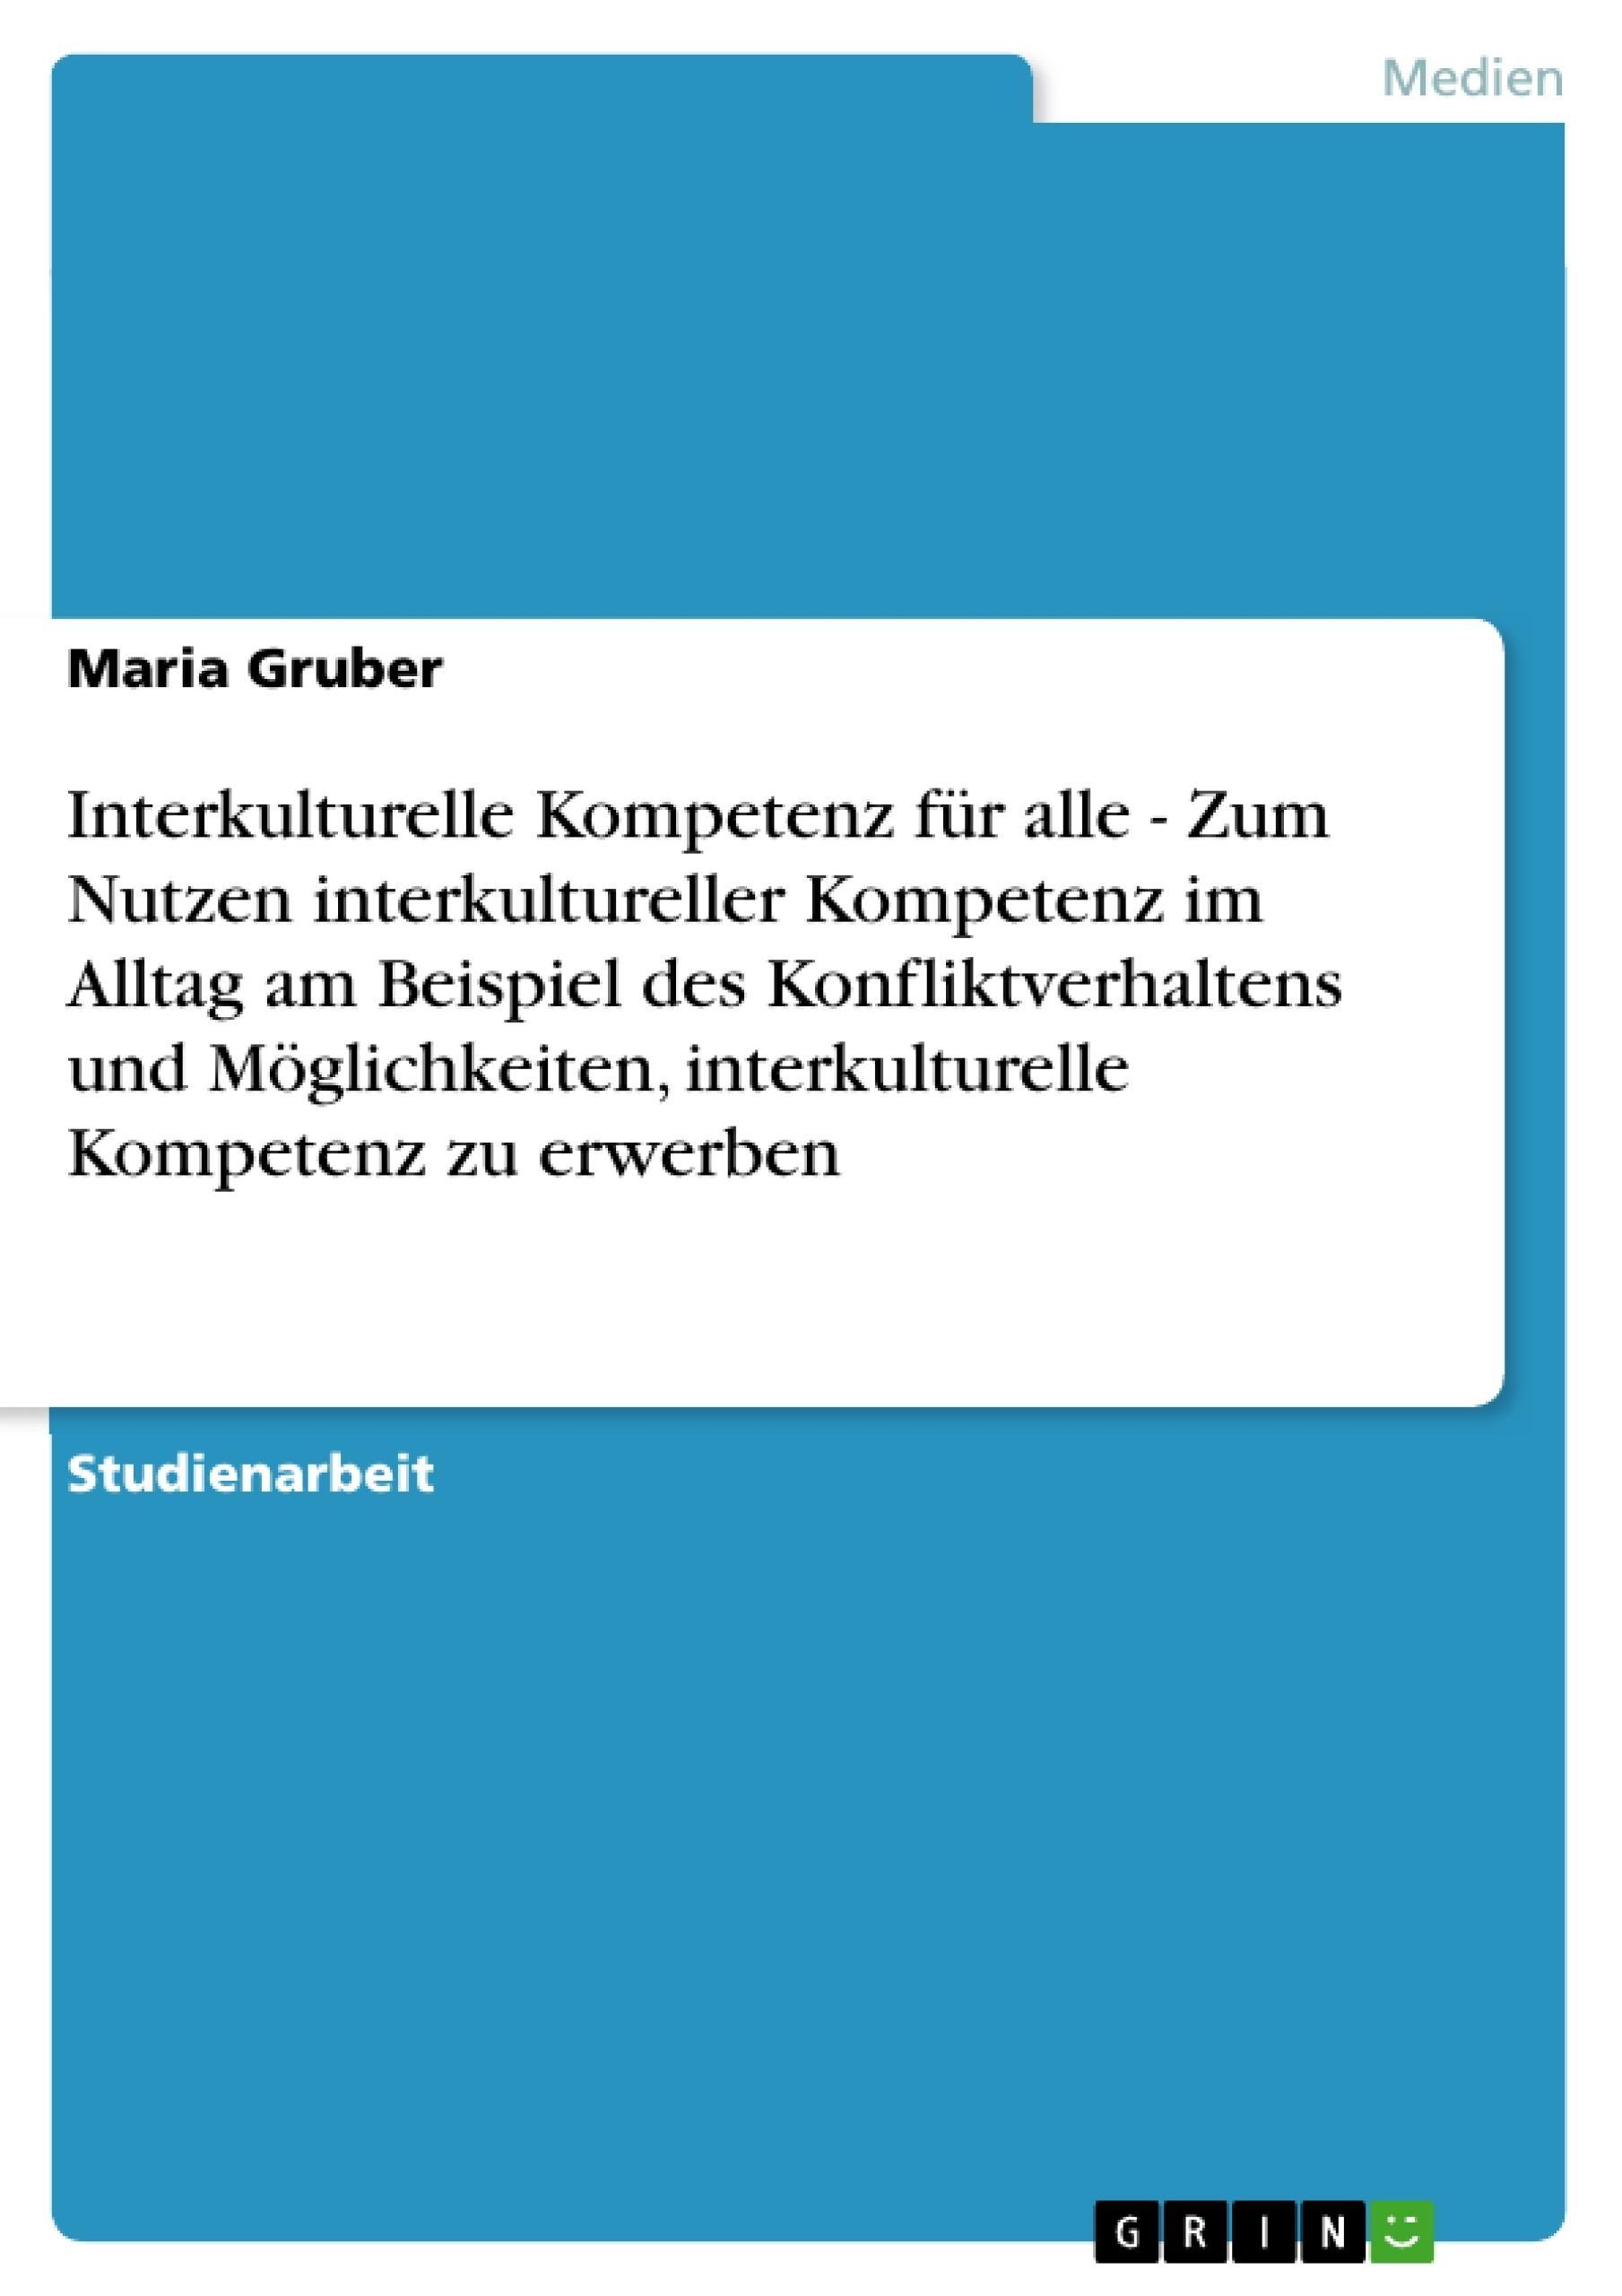 Titel: Interkulturelle Kompetenz für alle - Zum Nutzen interkultureller Kompetenz im Alltag am Beispiel des Konfliktverhaltens und Möglichkeiten, interkulturelle Kompetenz zu erwerben